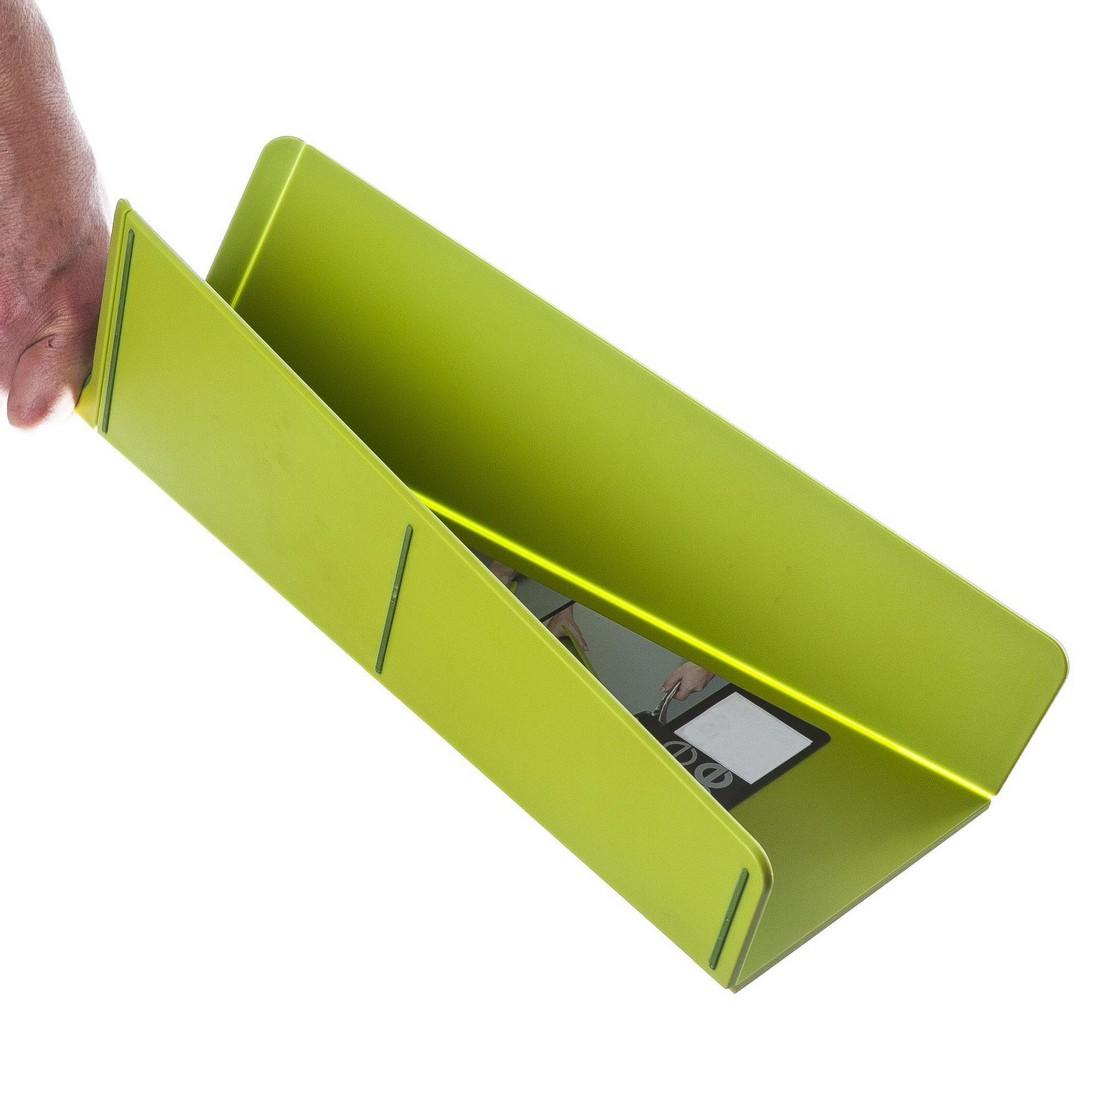 Schneidebrett Chop2Pot Plus – Kunststoff – Grün – 1 x 27 x 48 cm, JOSEPH JOSEPH bestellen